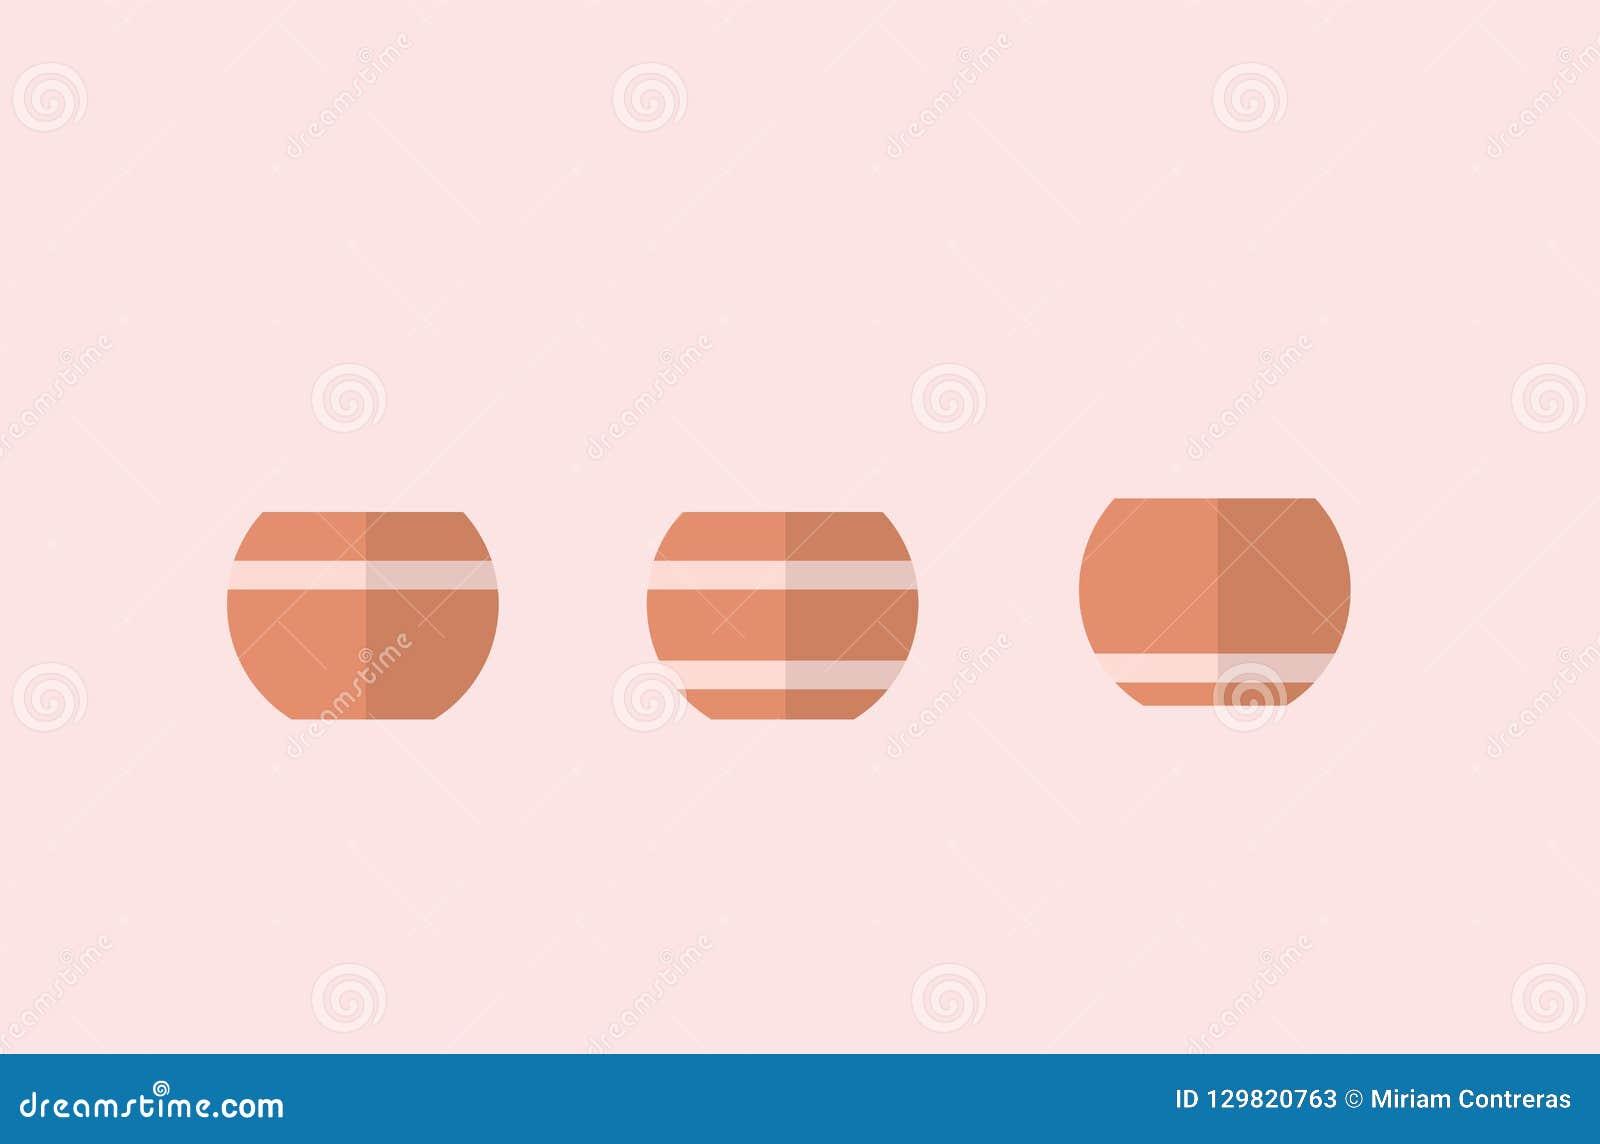 Pots de fleurs avec des lignes 3 vecteurs différents, conceptions simples